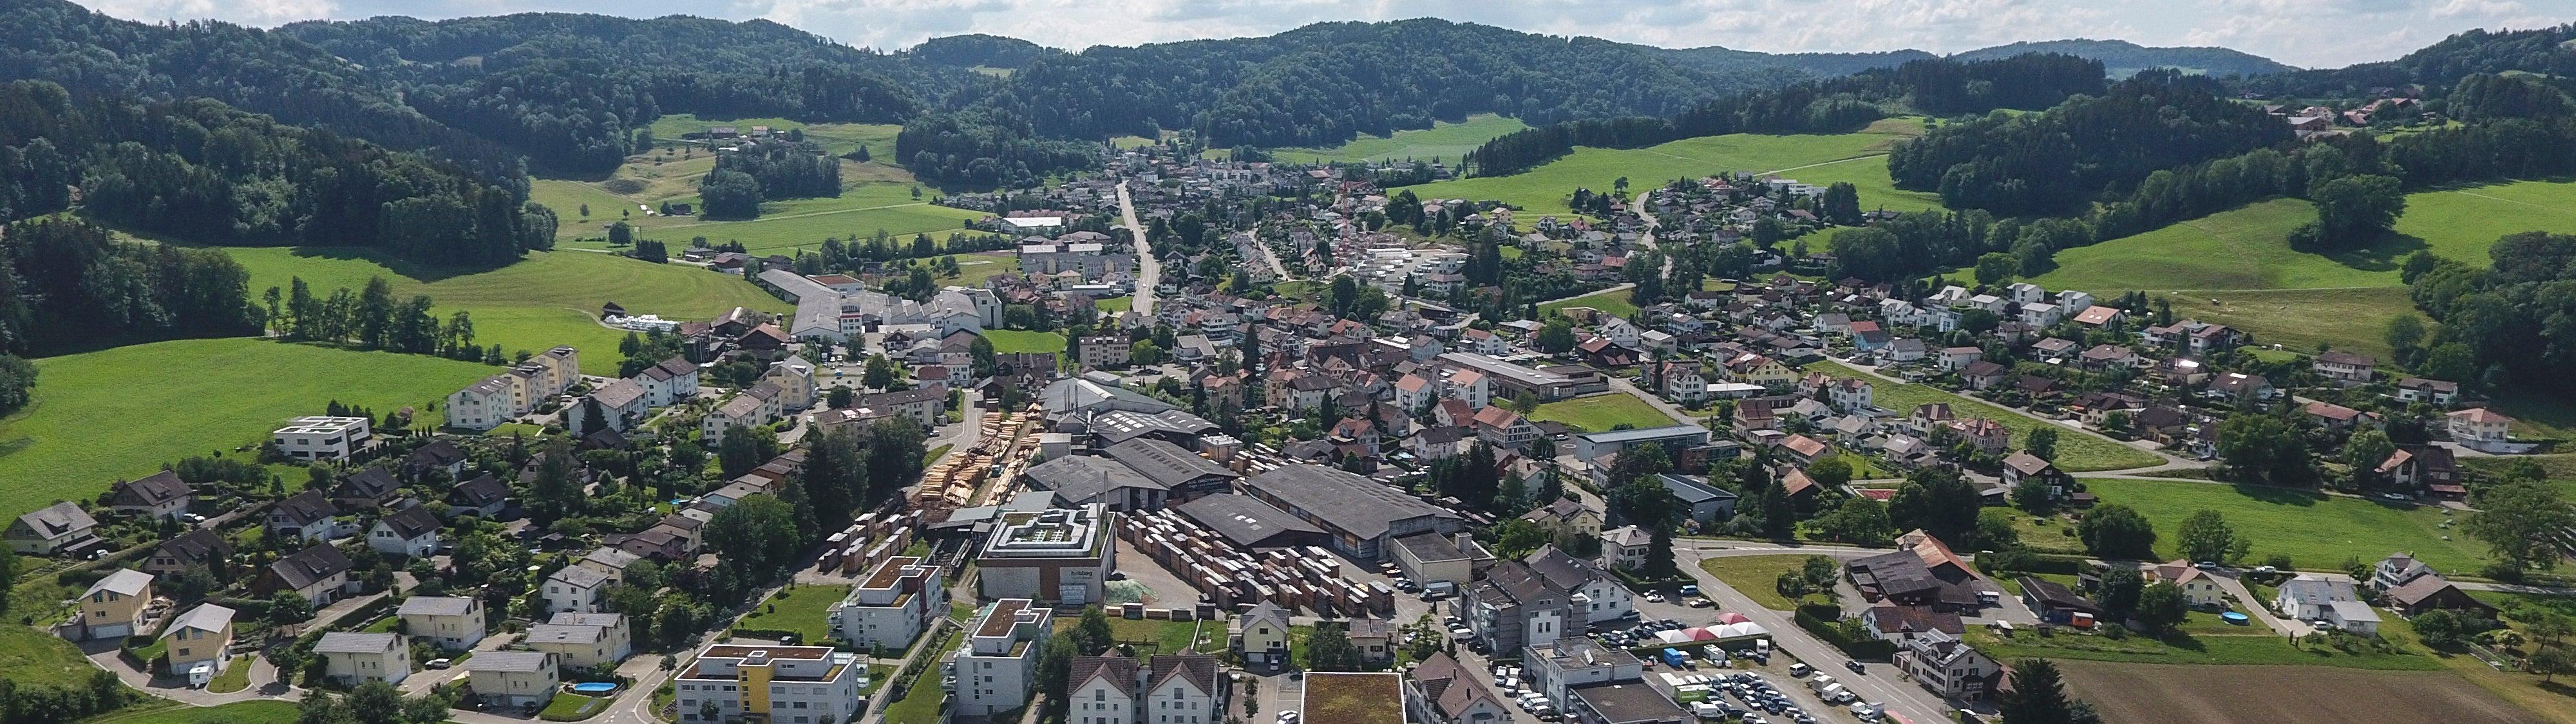 Bichelsee-Balterswil